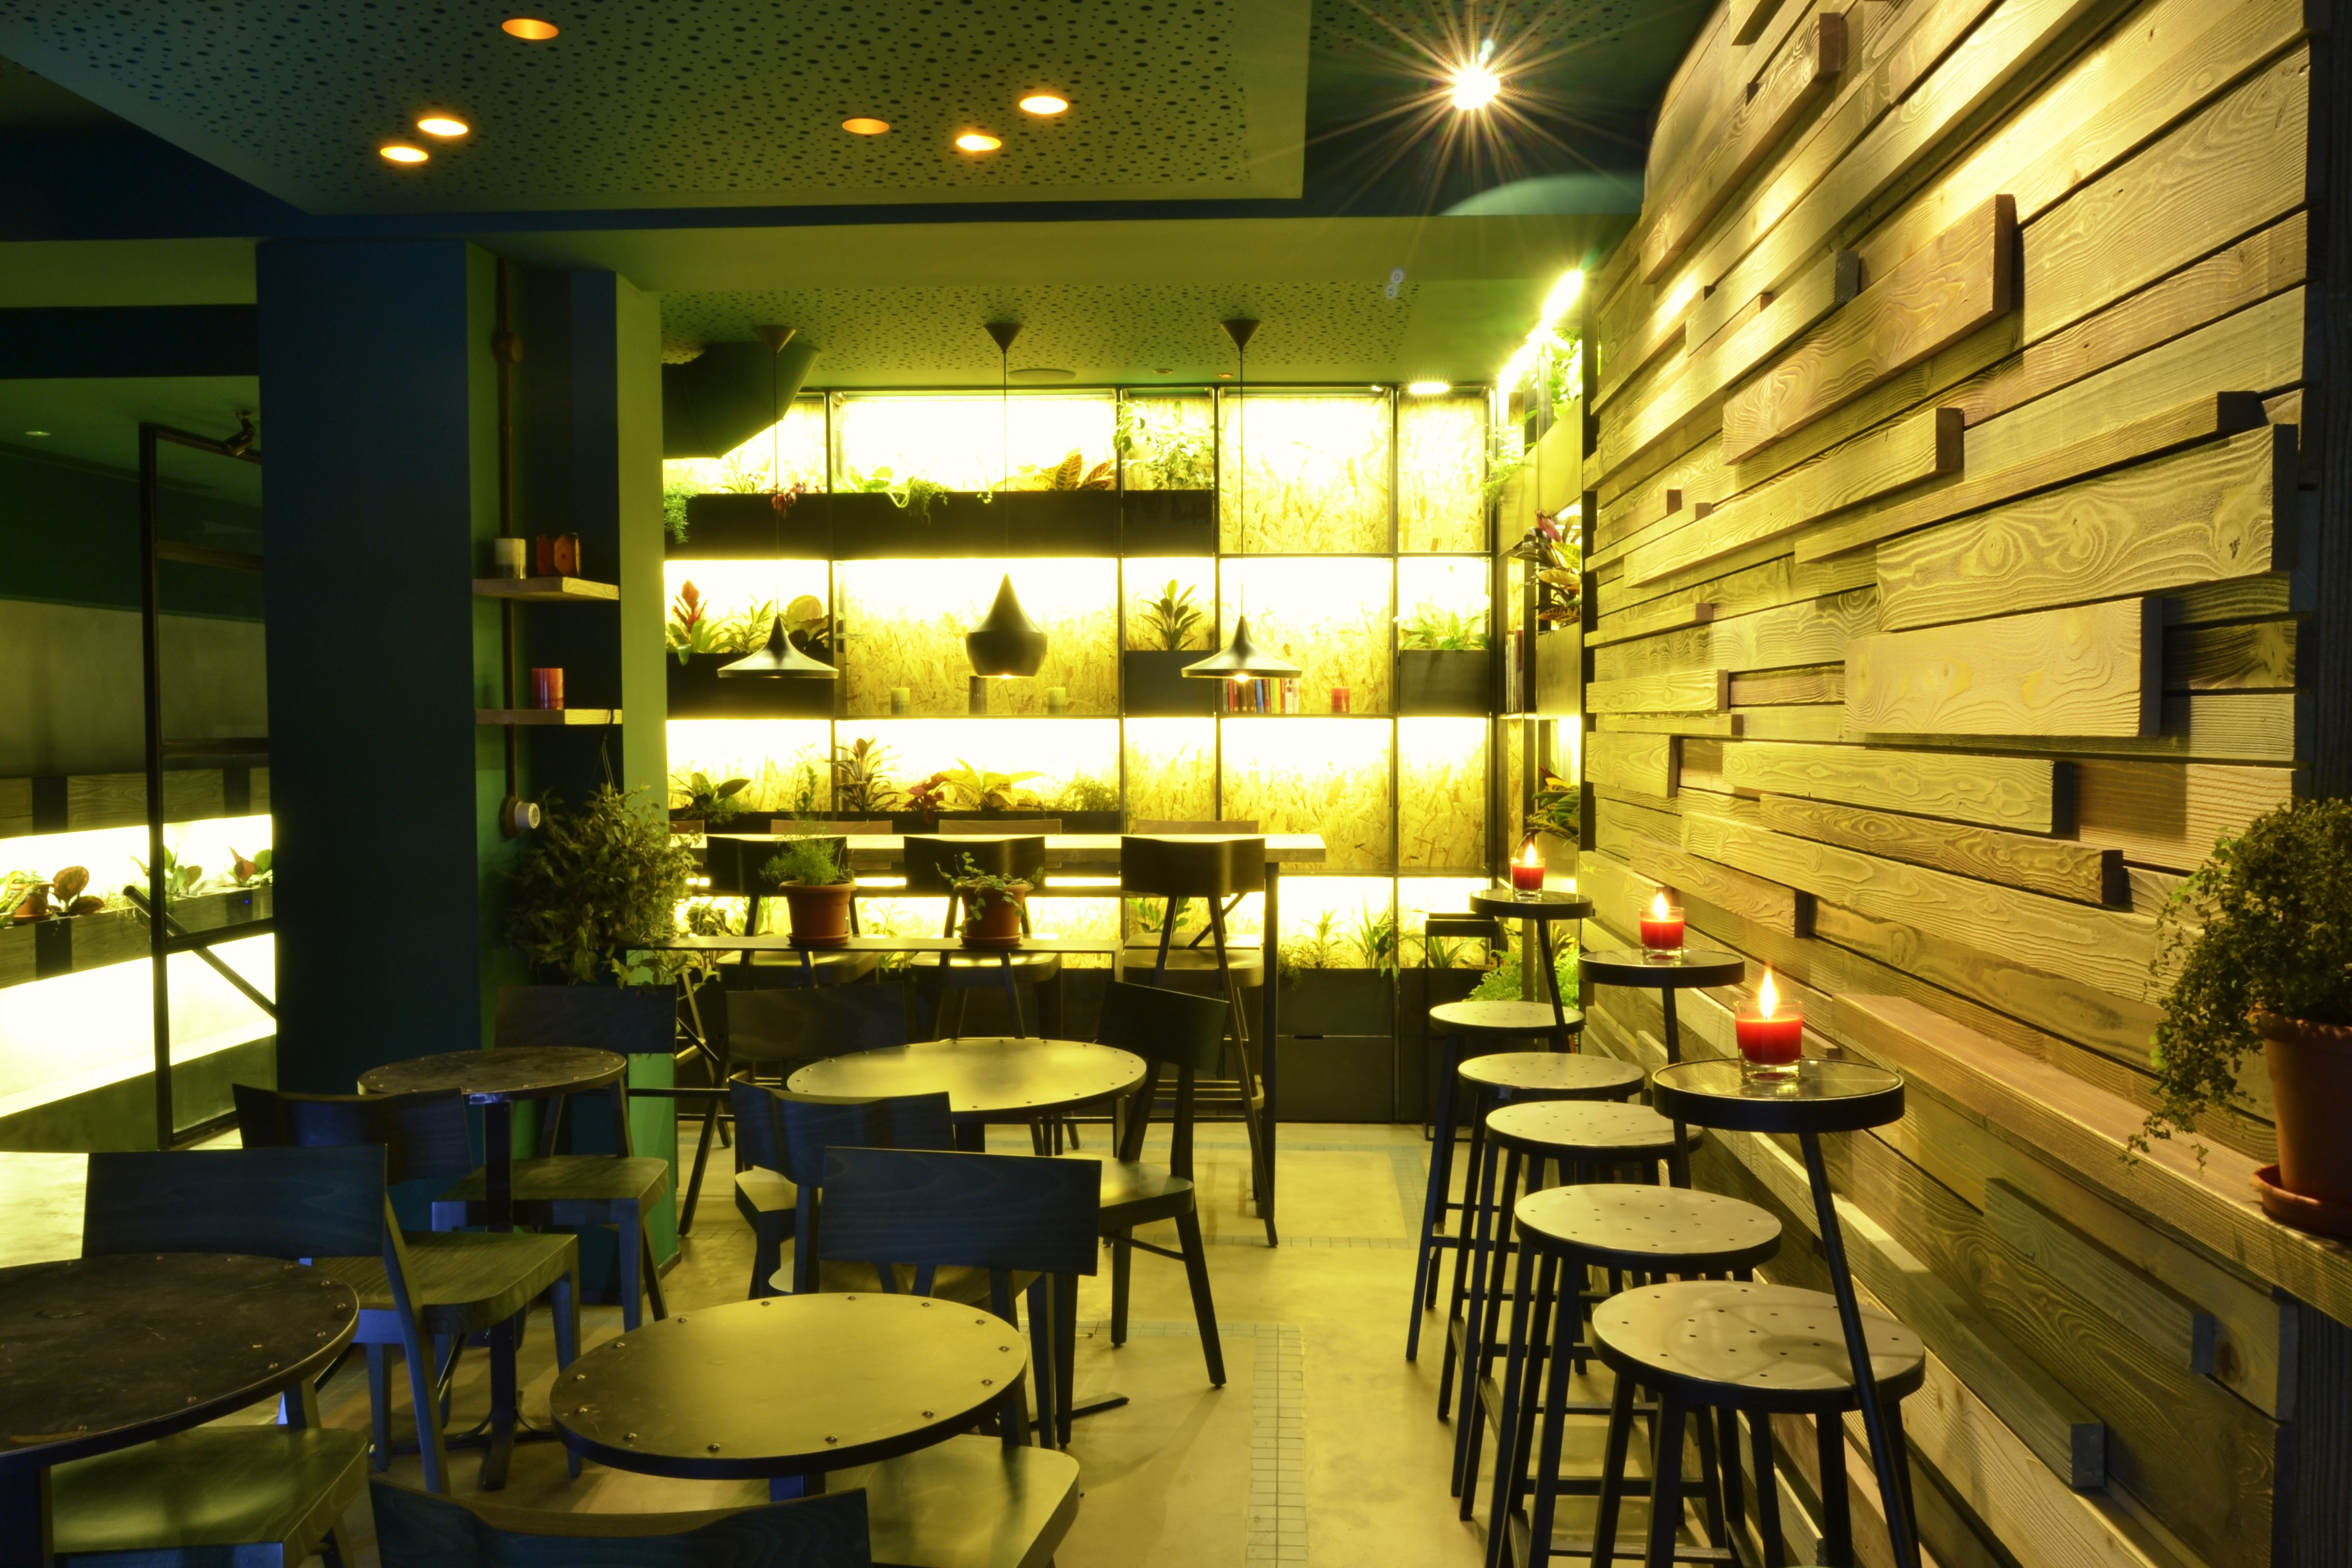 restaurante color verde